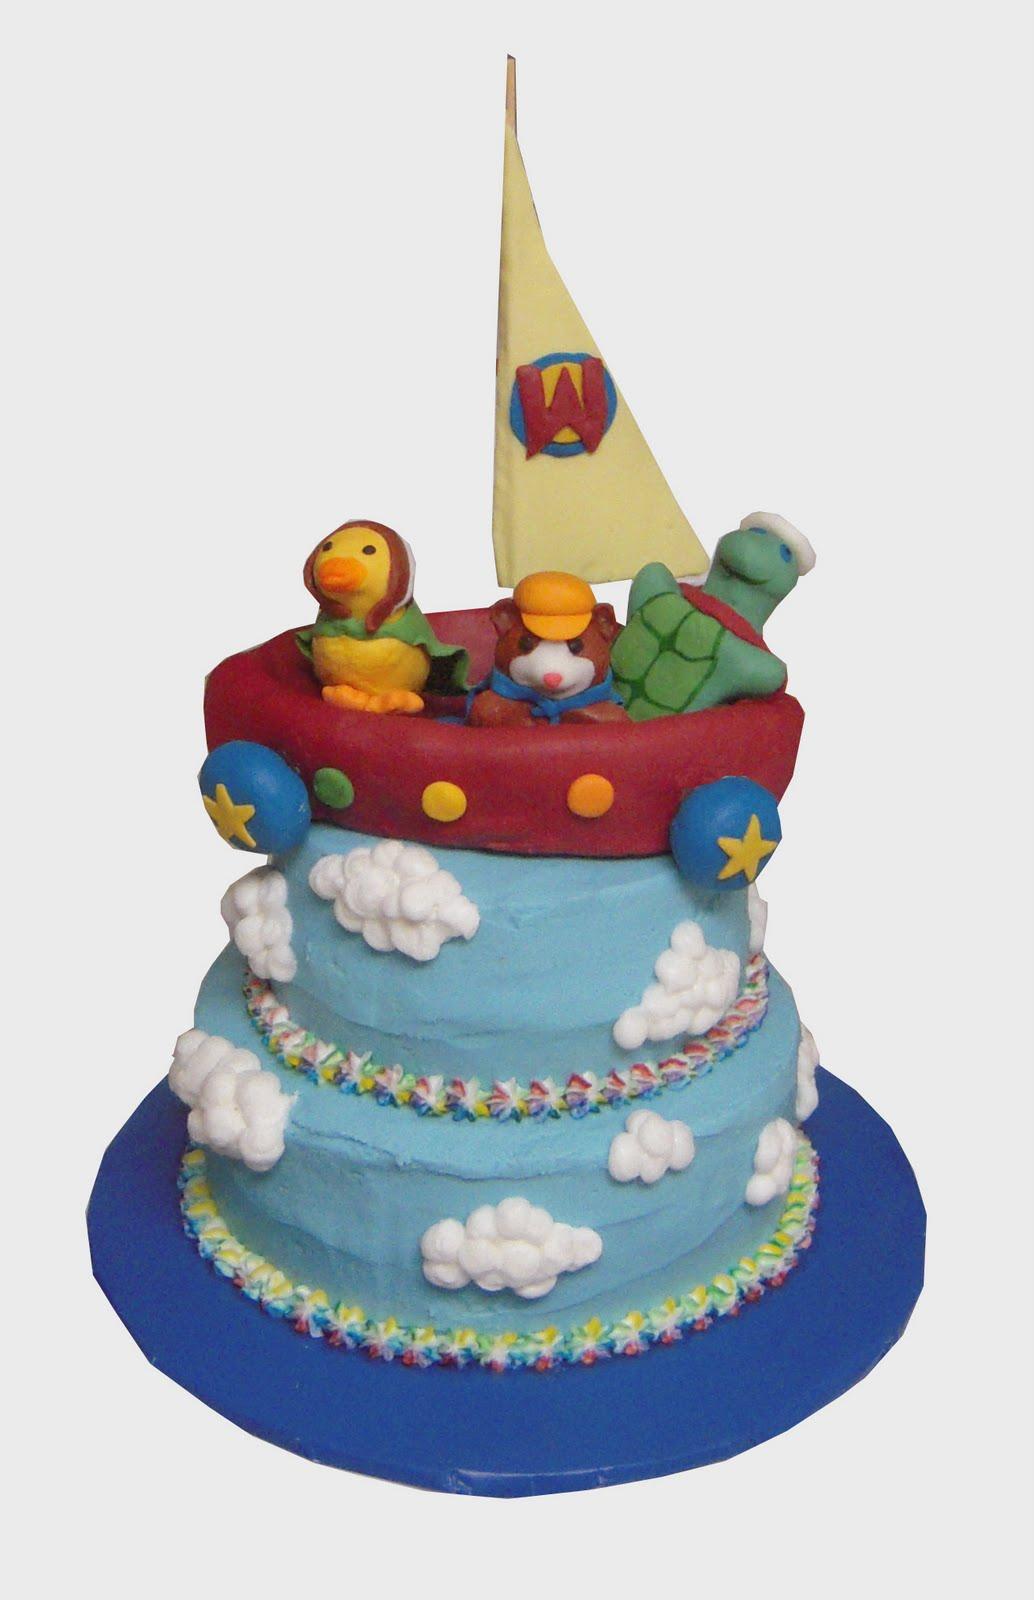 Pin Boat Duck Blind Ideas Godevil Com Blinds Html Cake